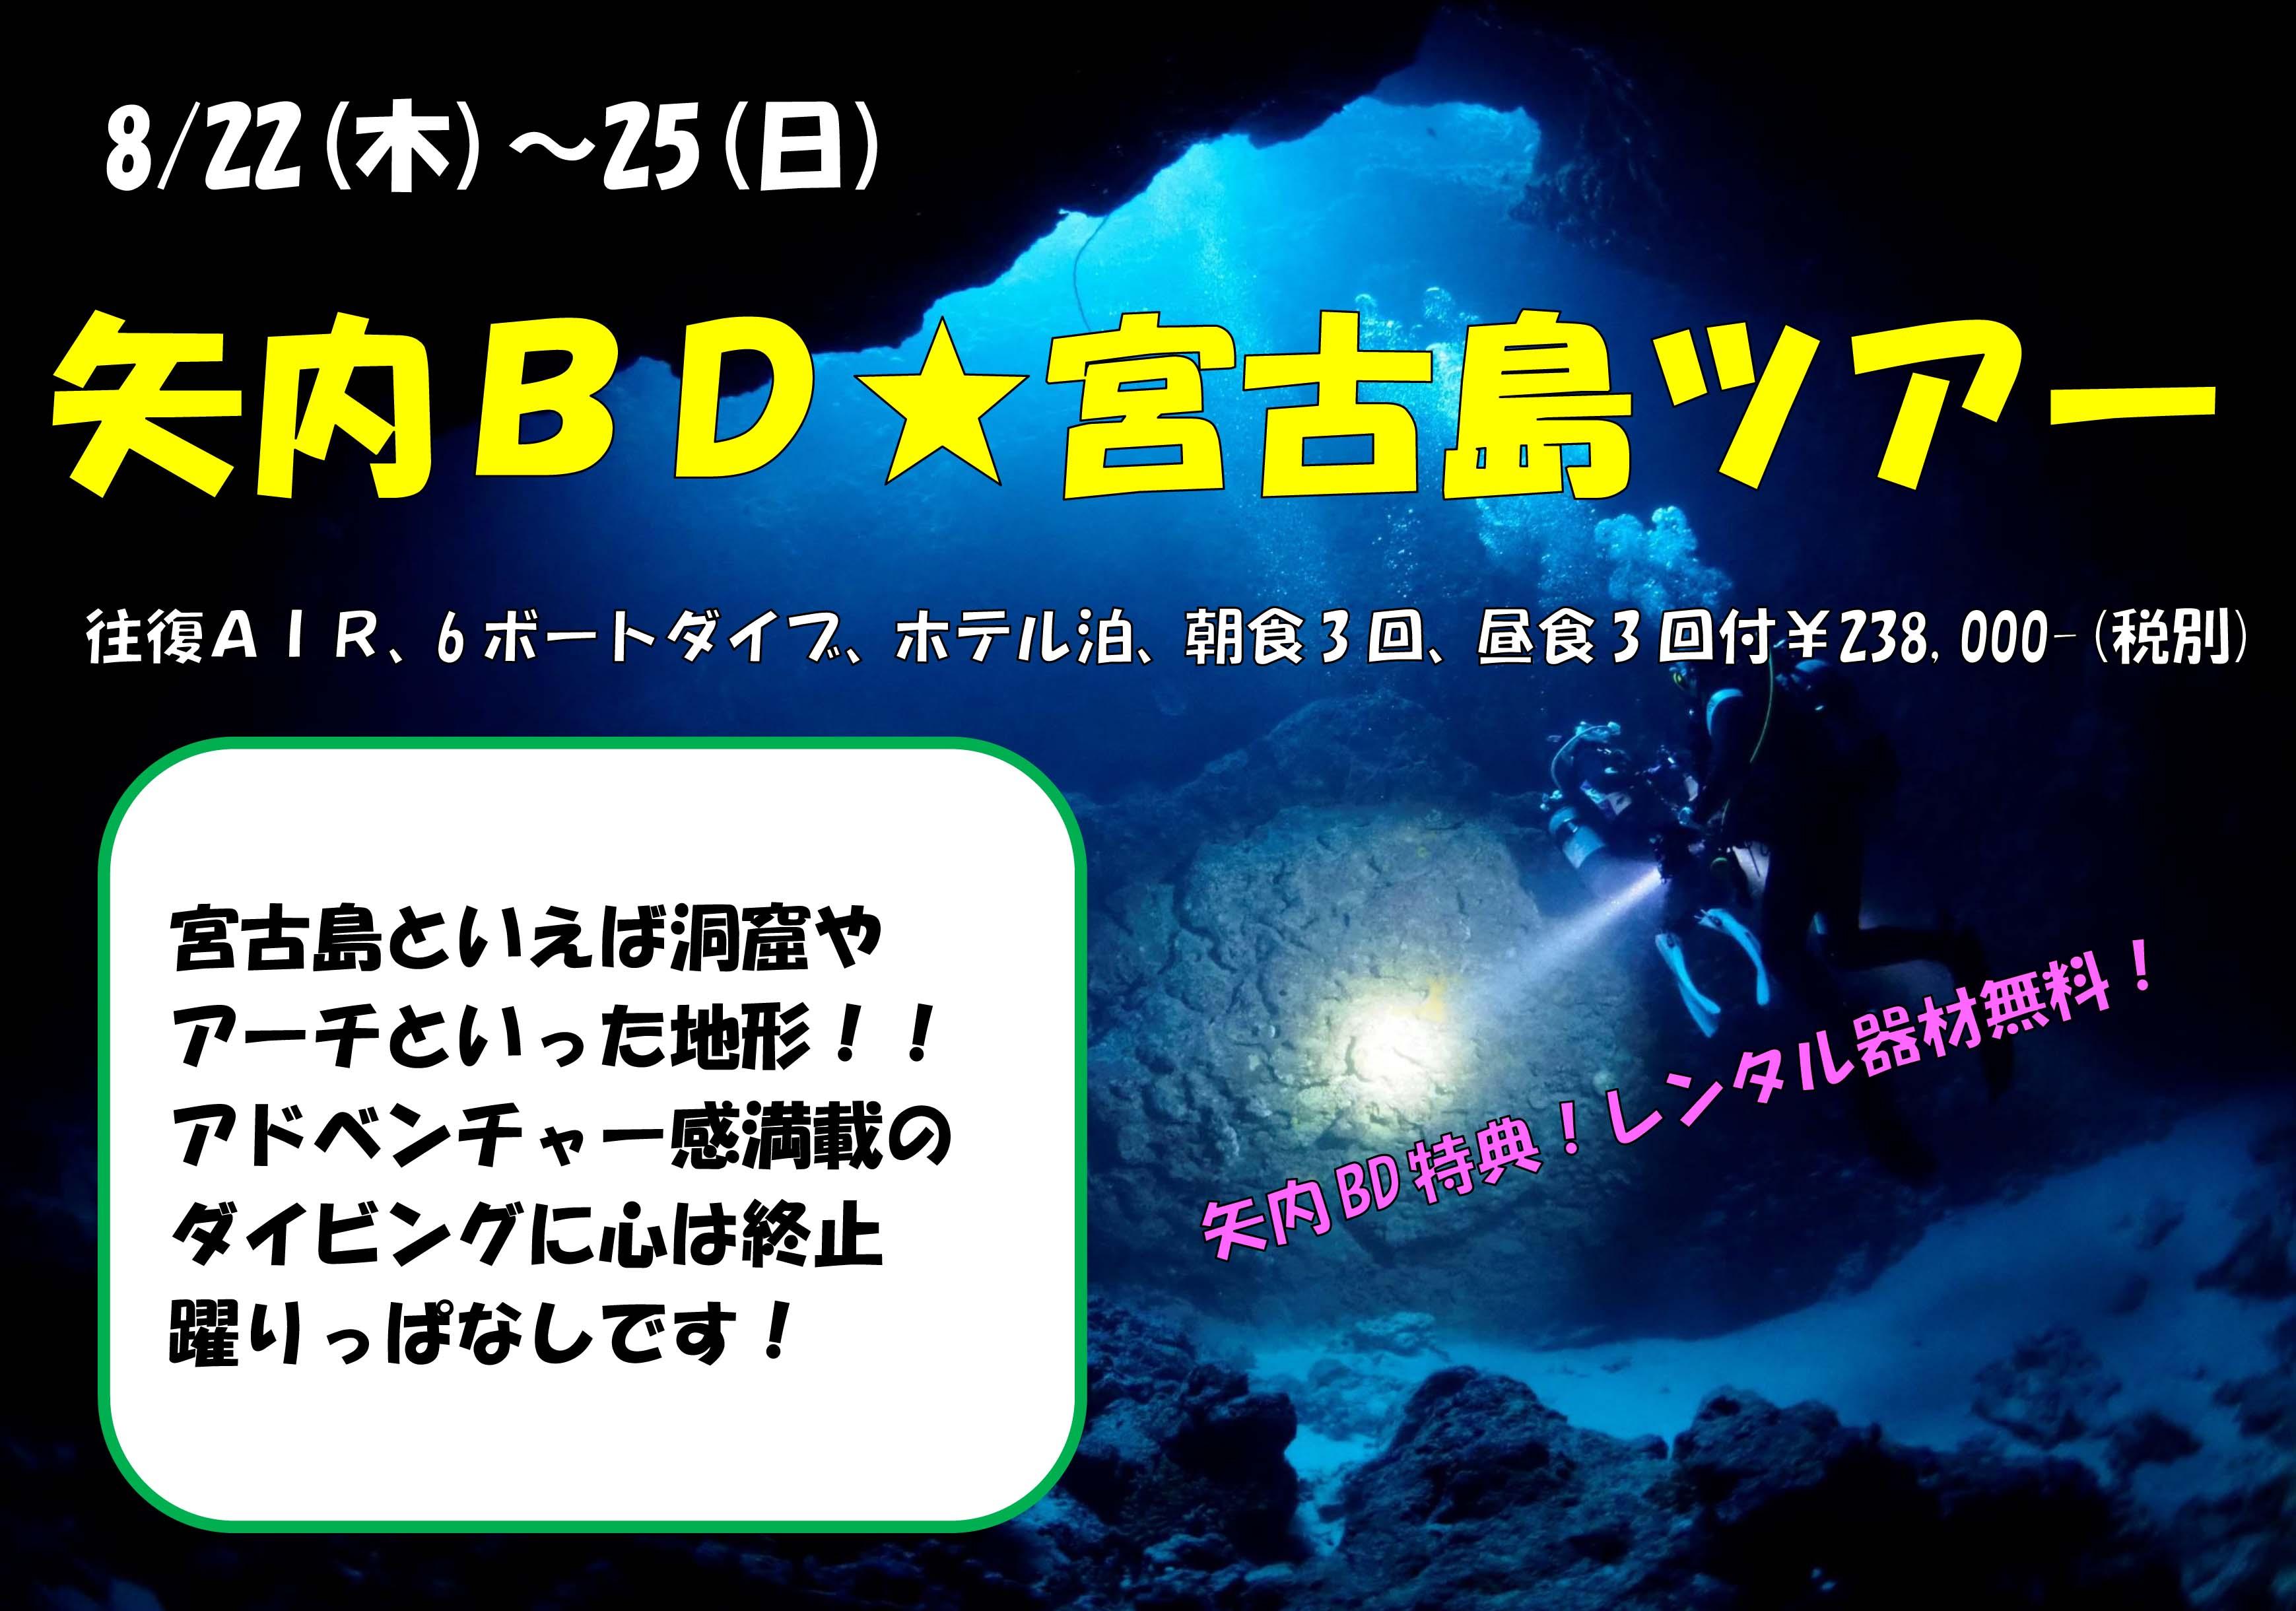 8/22(木)~8/25(日)矢内BD★宮古島ツアー